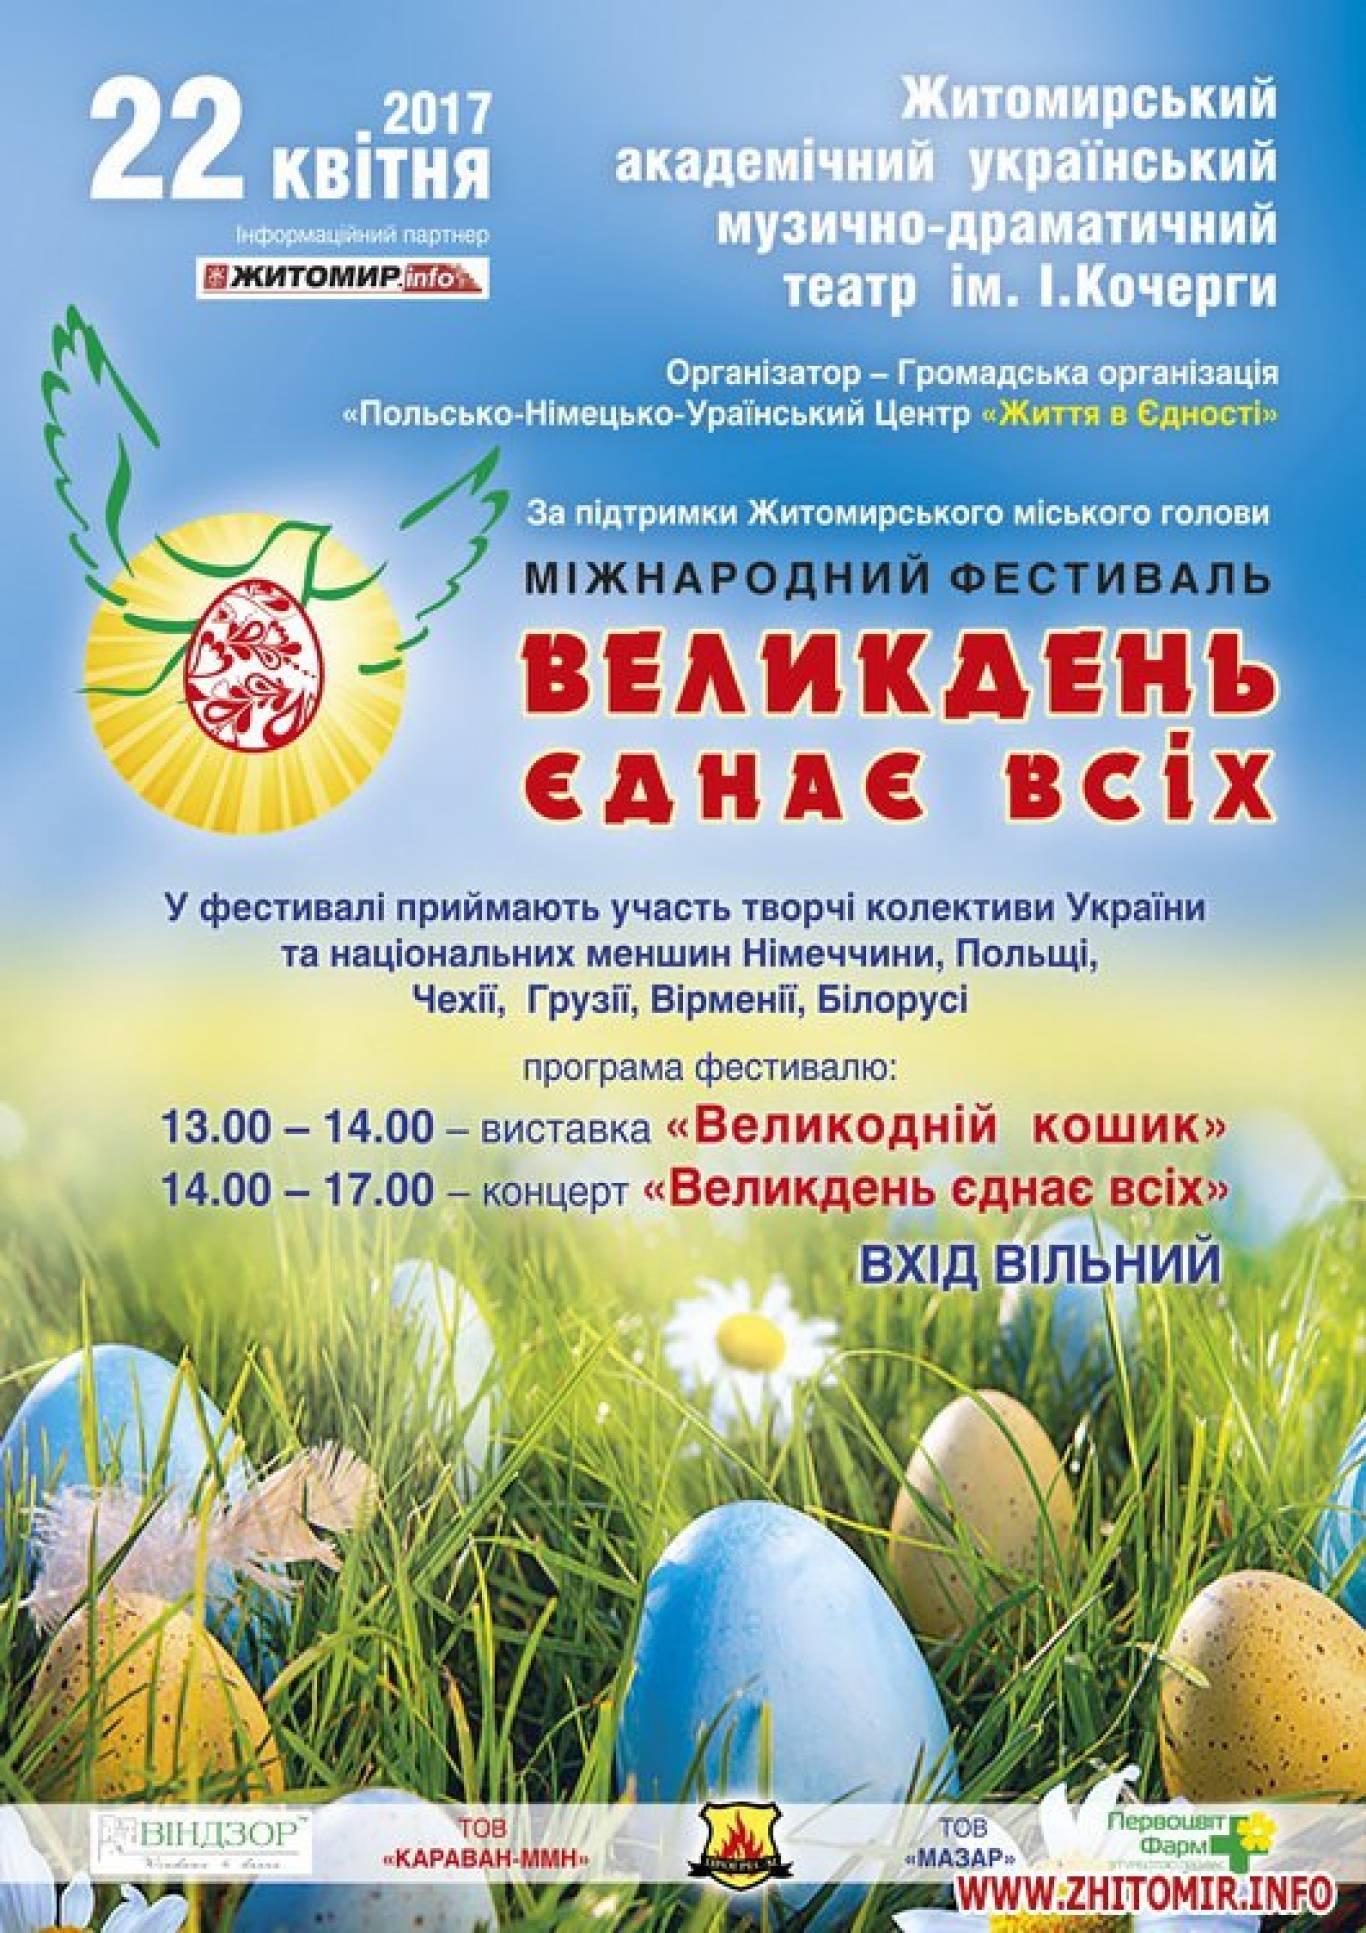 Міжнародний фестиваль «Великдень єднає всіх»